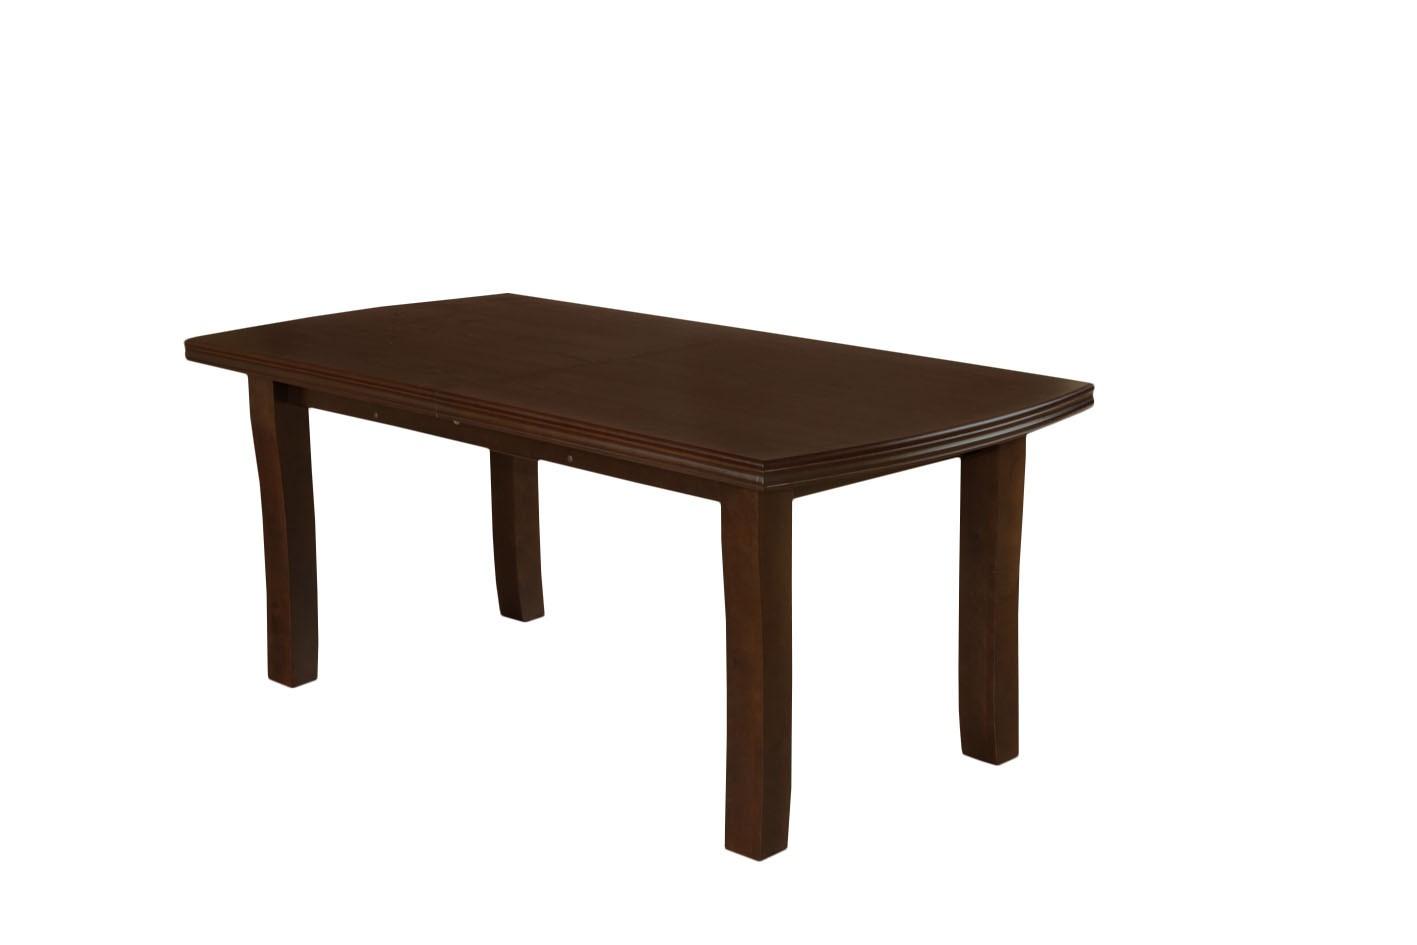 Stól SM13 do salonu rozkładany do 350 cm szerokość stołu 100 cm